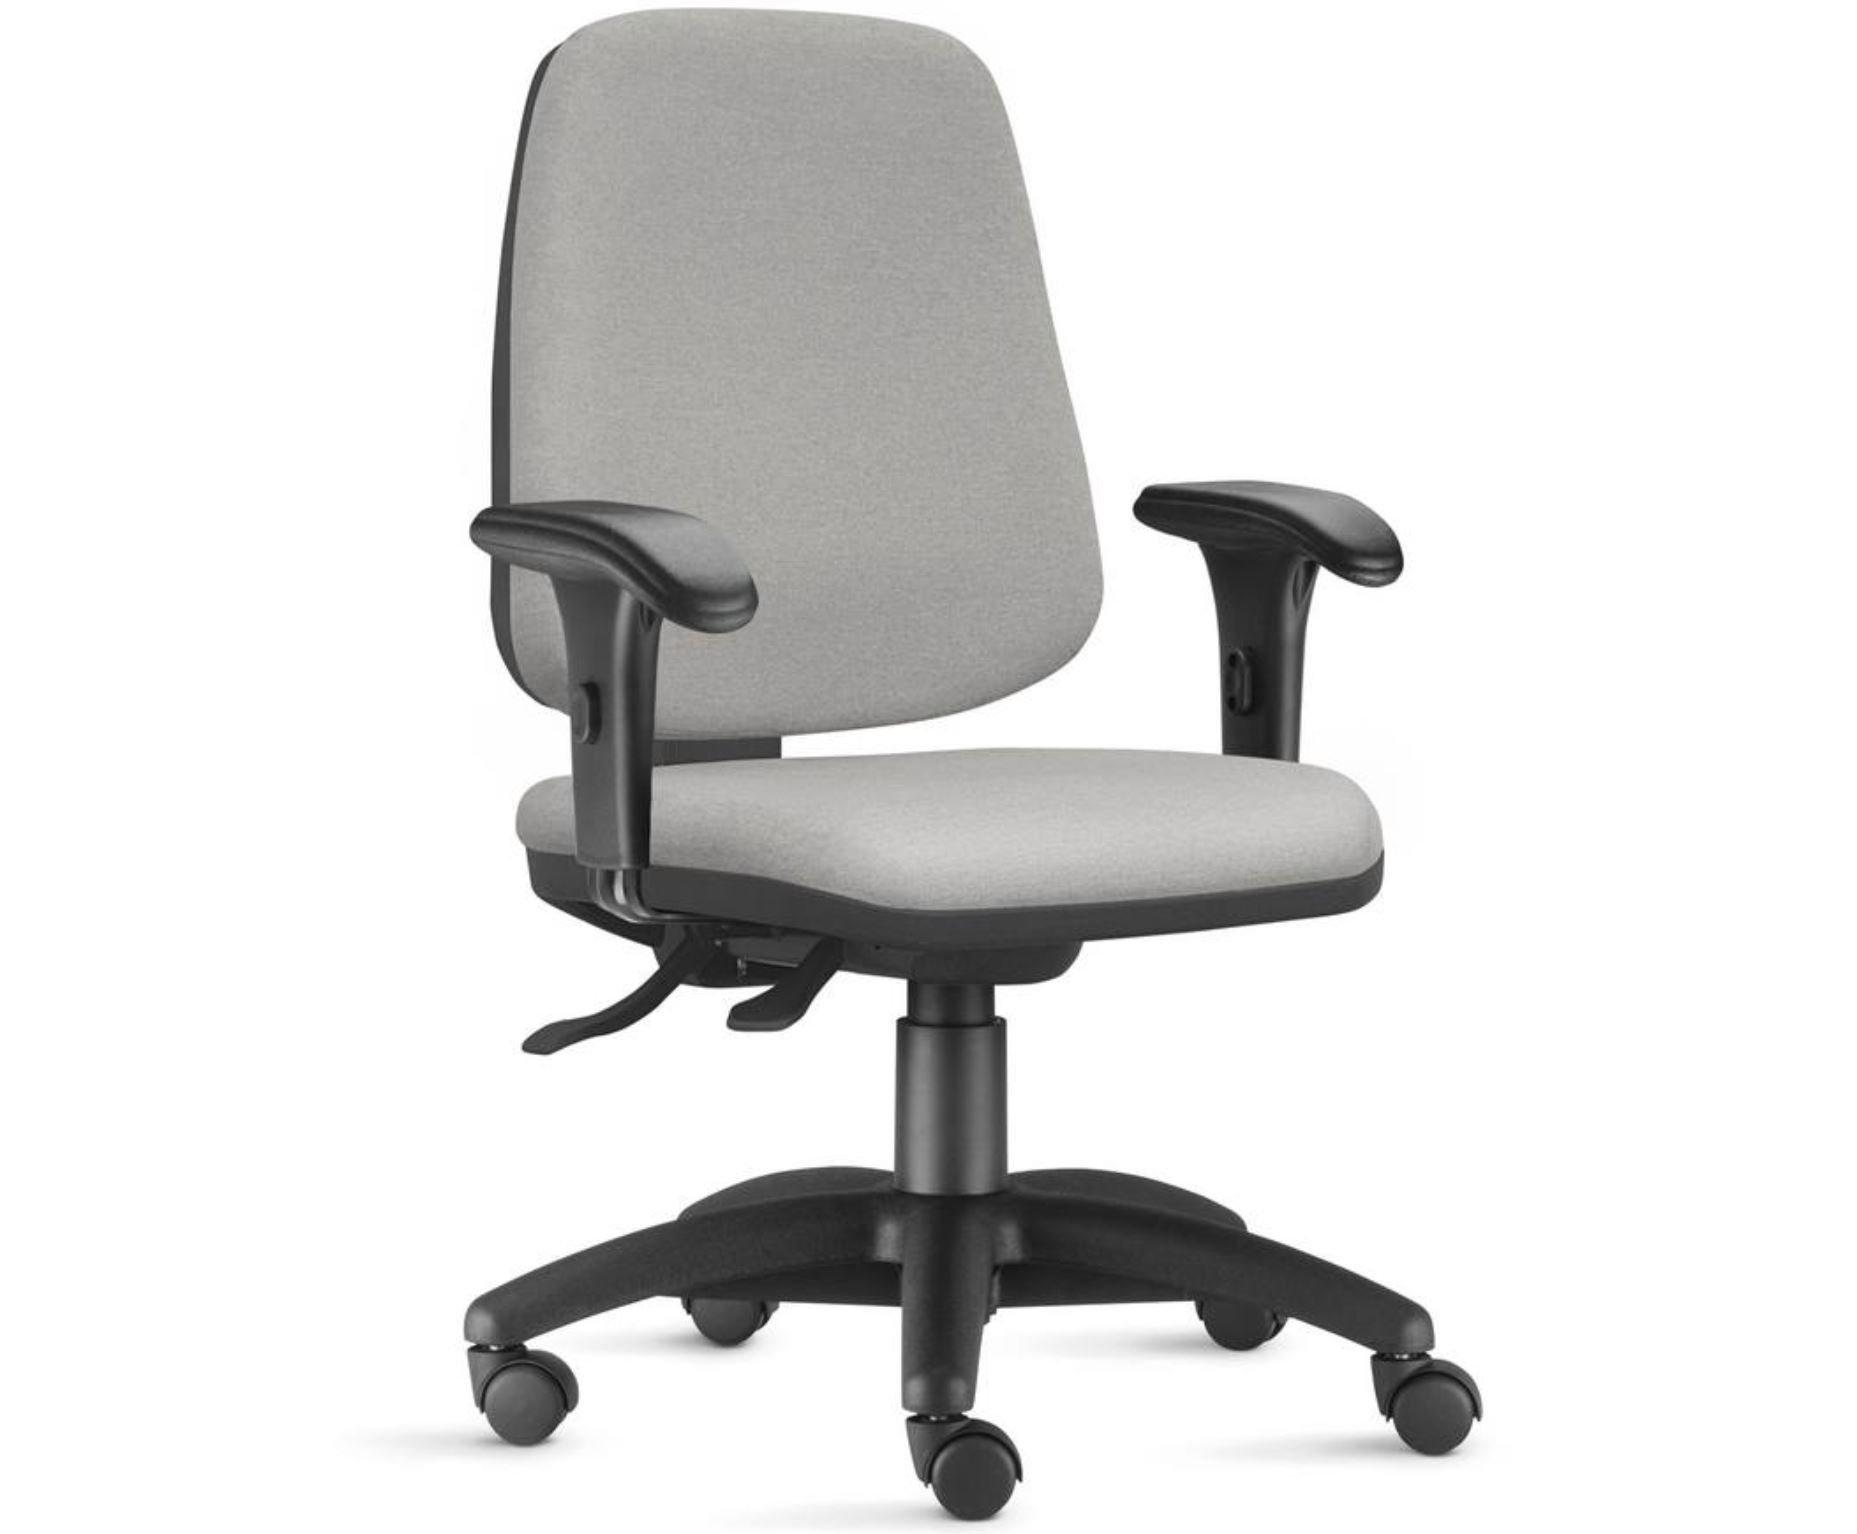 Cadeira De Escritorio Diretor Ergonomica